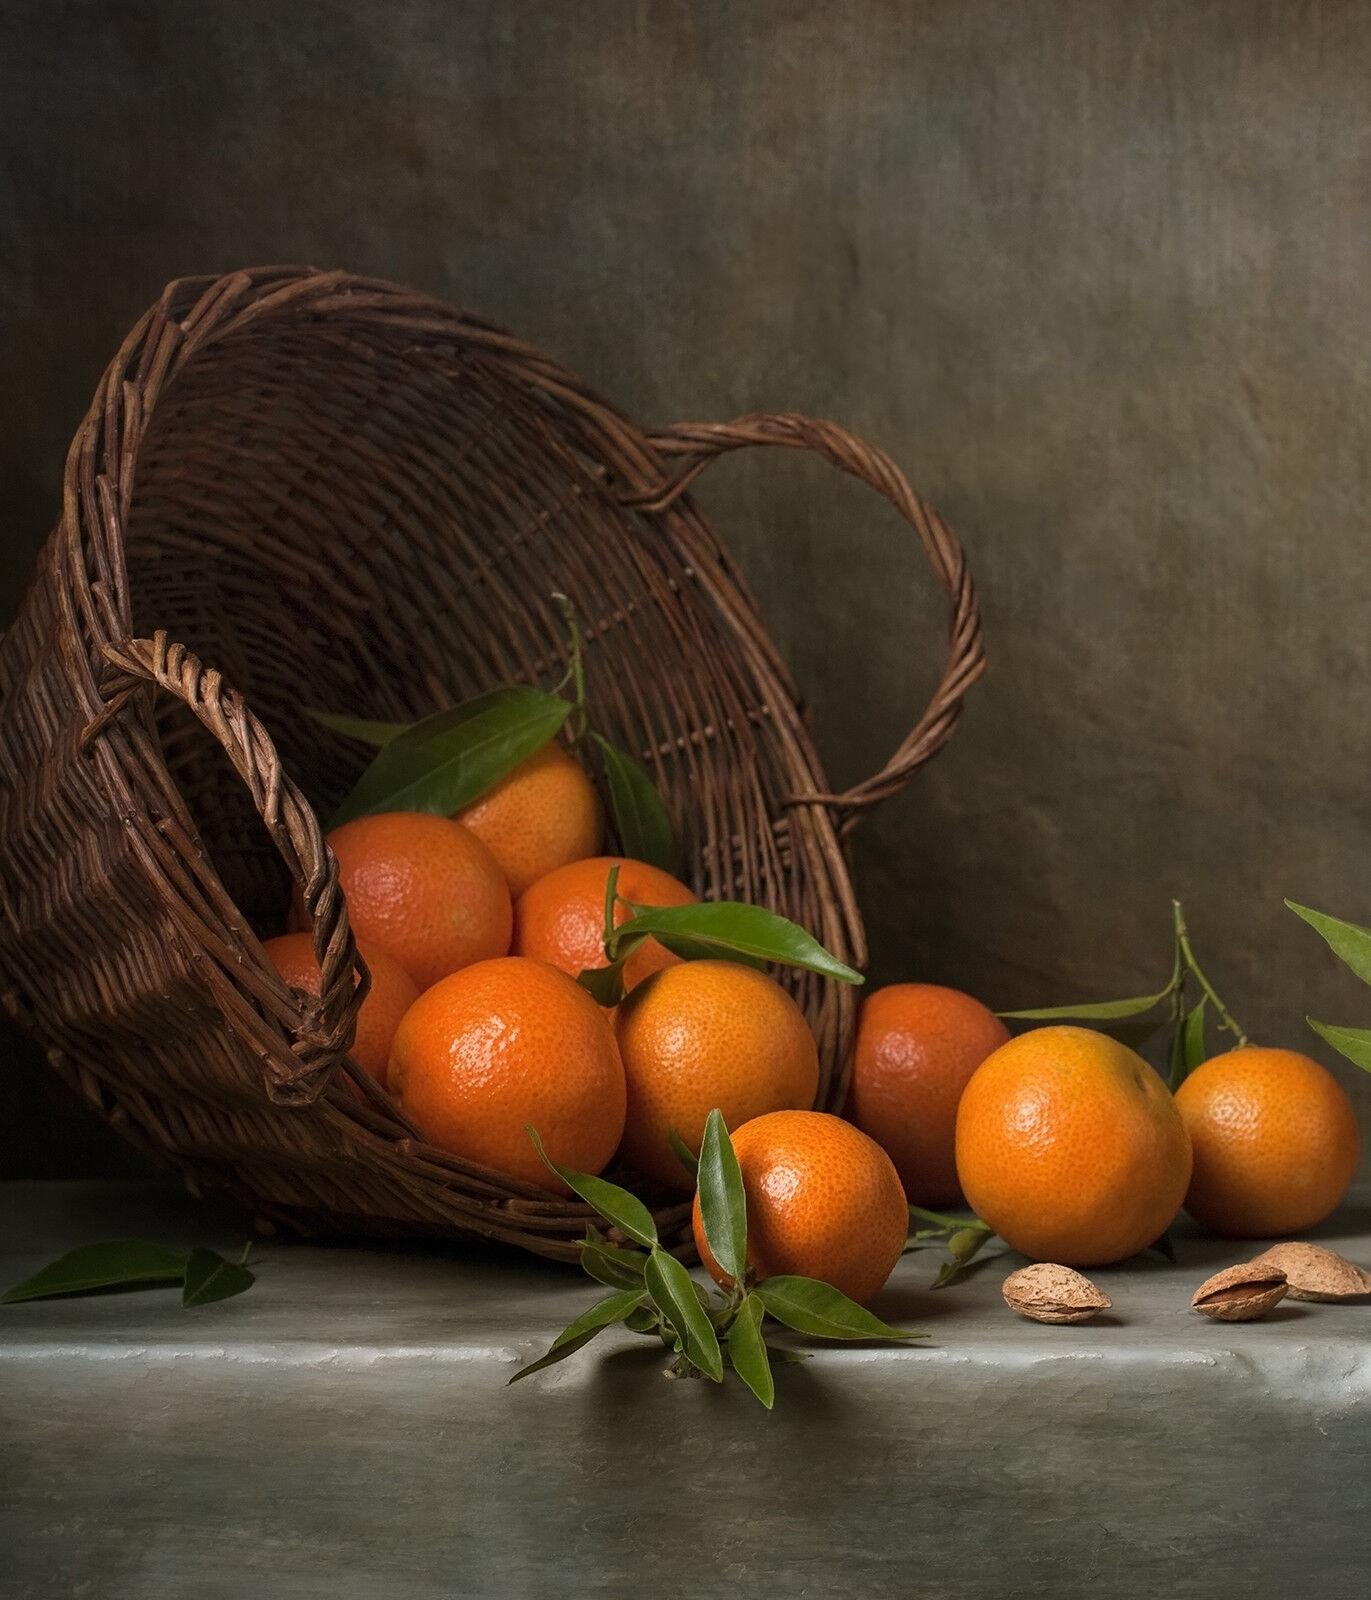 Cocina de de Cocina vidrio templado de ESG salpicaduras de pared trasera Bodegón Naranja Prizma SB0322 e721dd